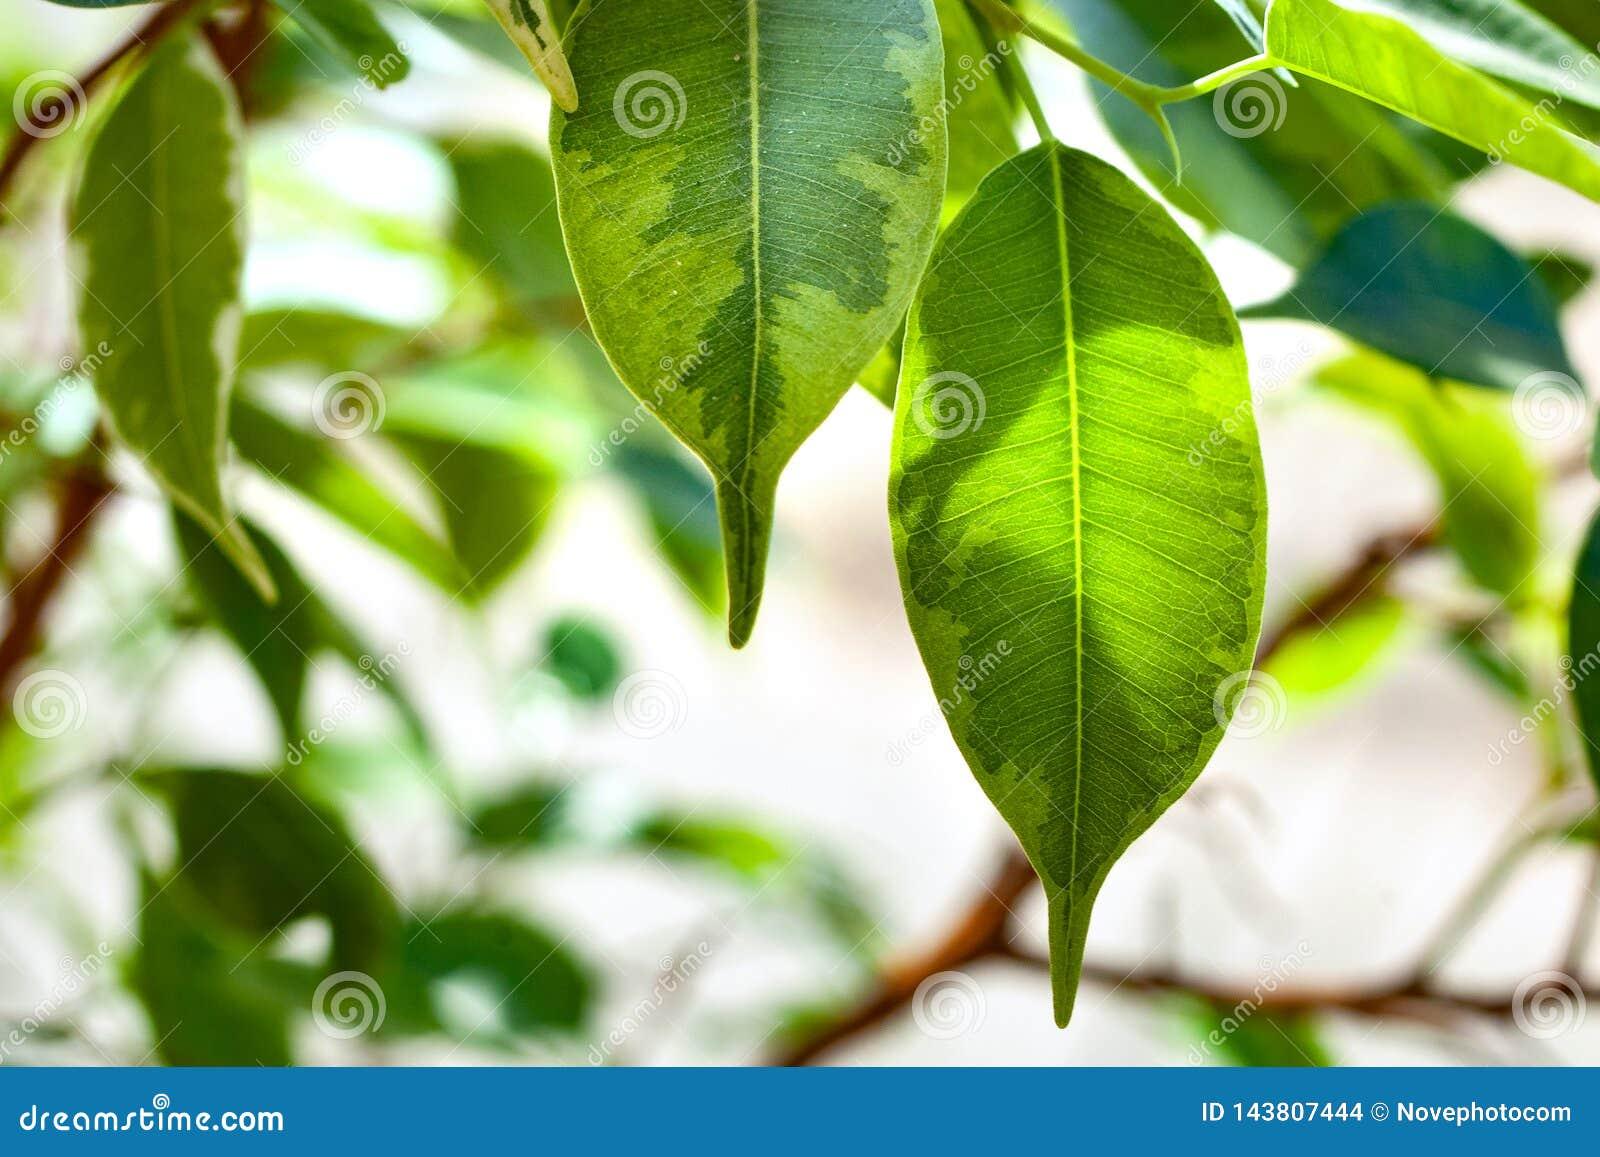 榕属灌木绿色叶子